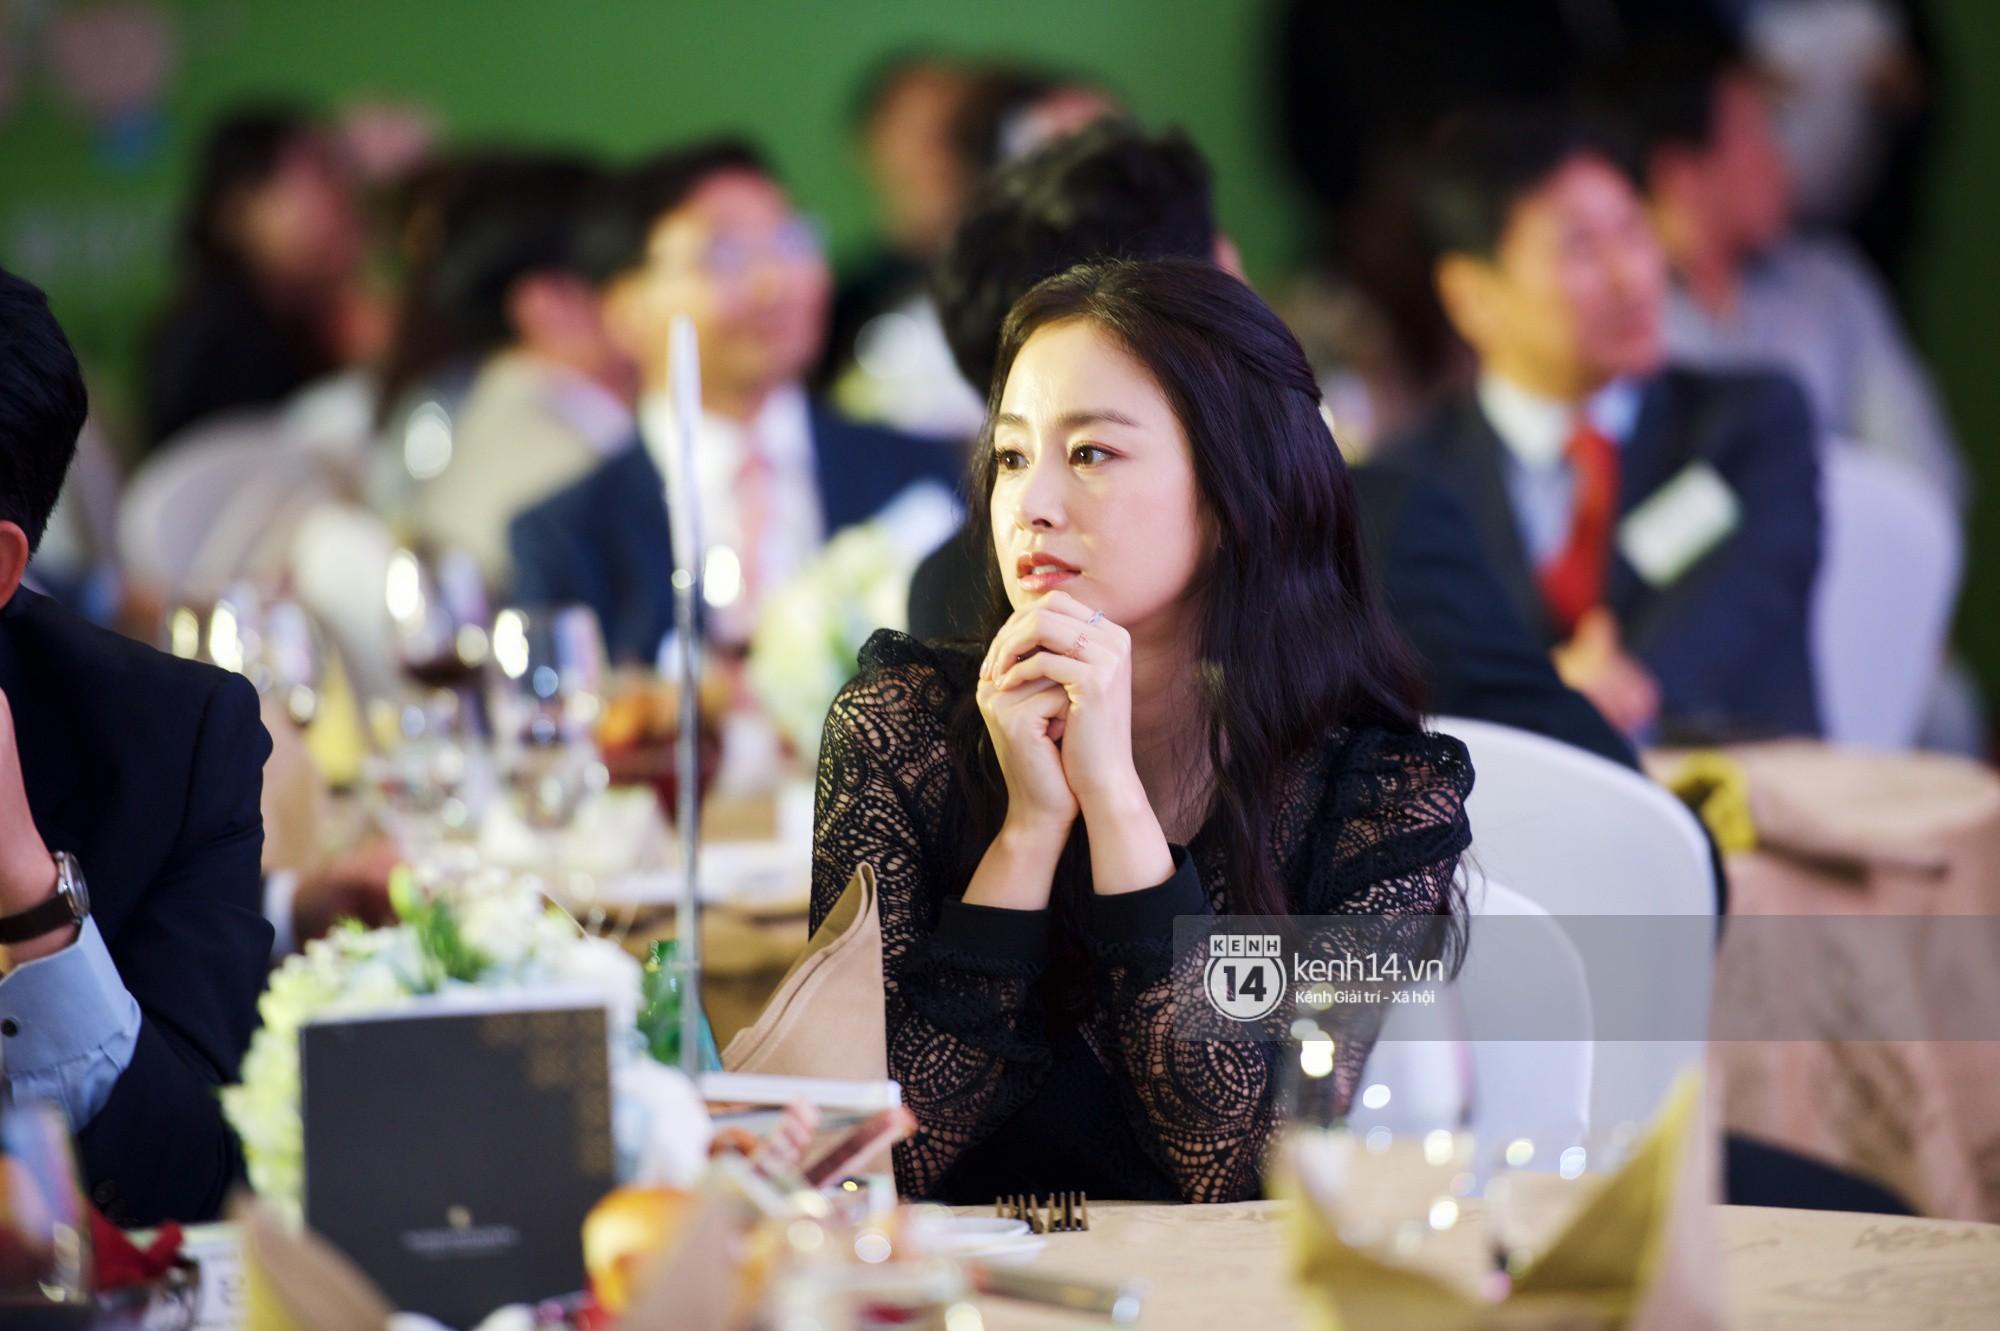 Bộ ảnh đẹp nhất của Kim Tae Hee tại đêm tiệc Hàn ở Hà Nội: Khoảnh khắc minh tinh châu Á hút hồn toàn bộ khán phòng-9